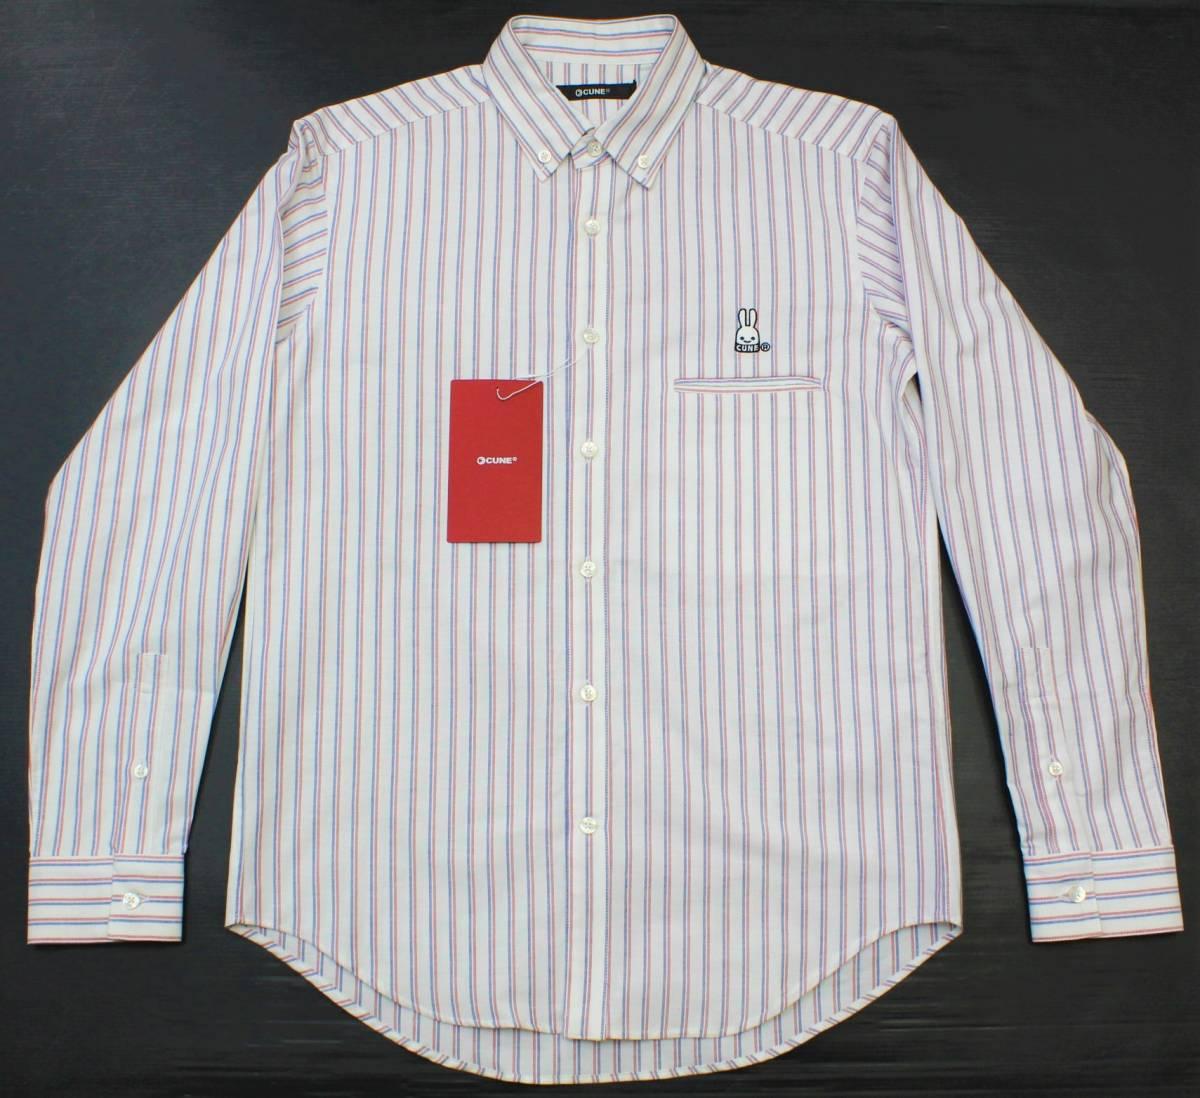 CL13キューン2(M)ボタンダウン 長袖シャツ ストライプCUNE日本製 切り込みポケット シャツ ウサギ 刺繍_画像2